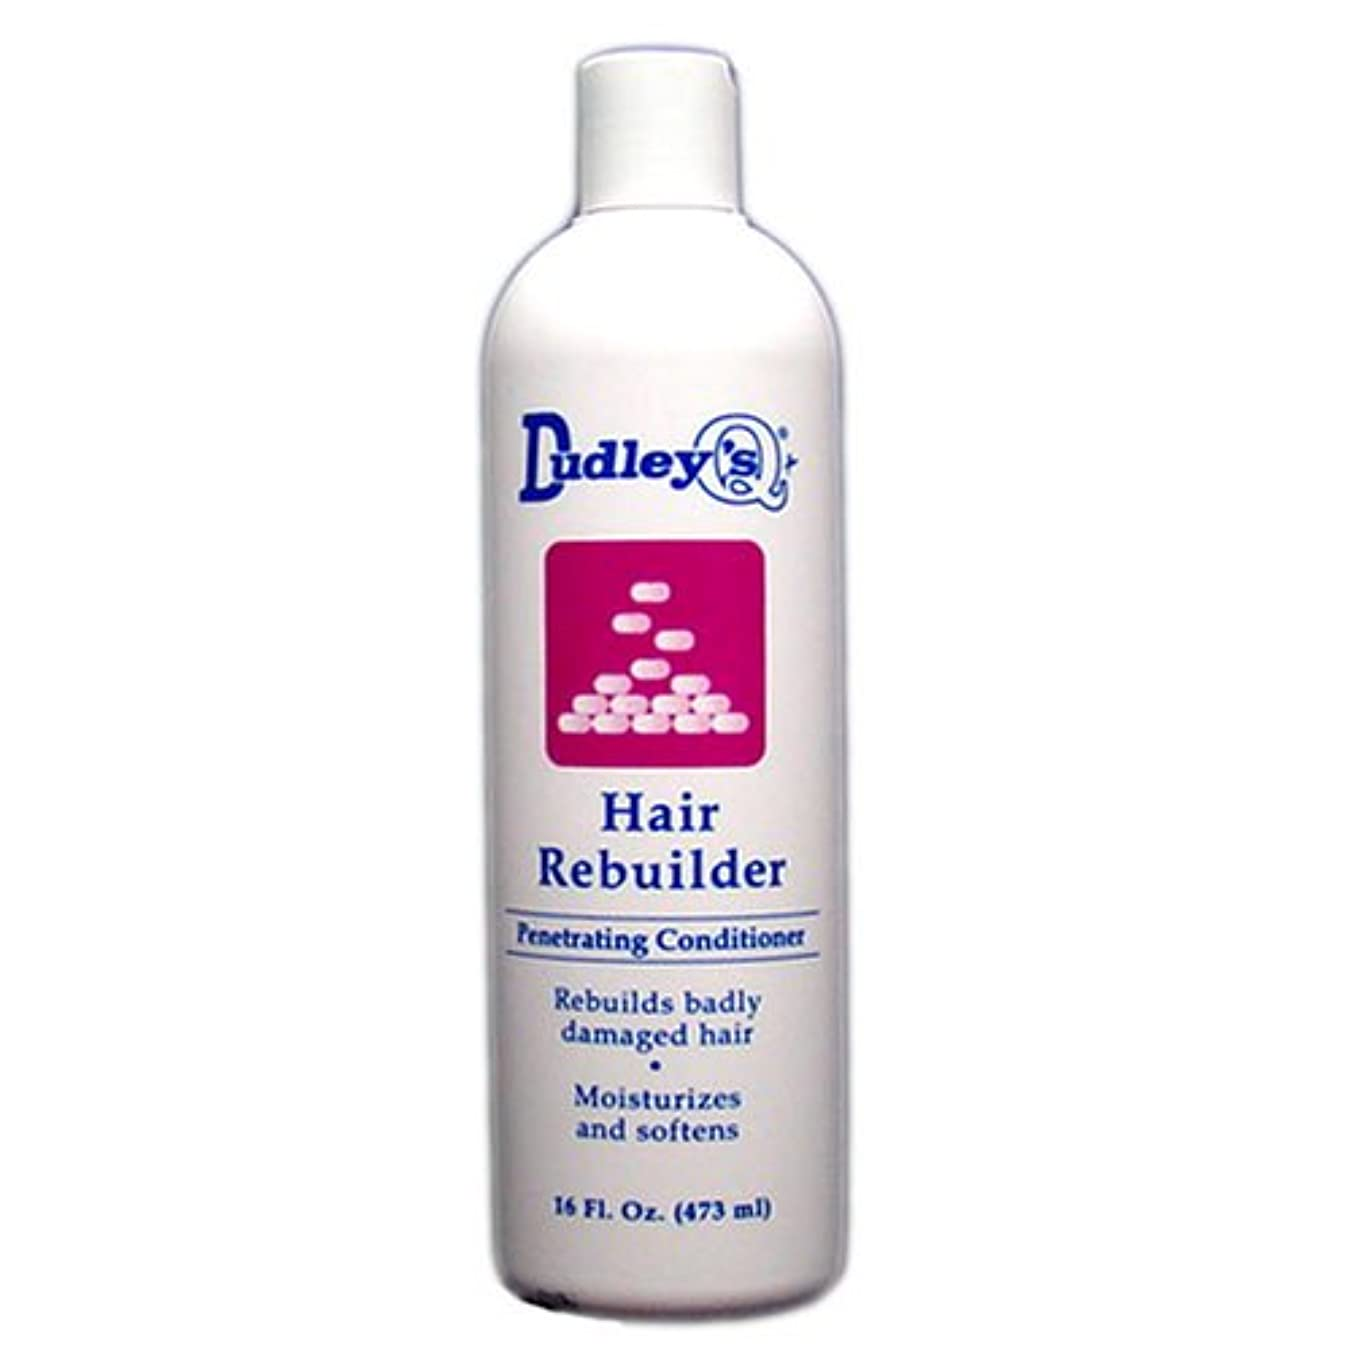 高音ウェブ懐Dudley's 髪の再建浸透性コンディショナー、16オンス 16オンス